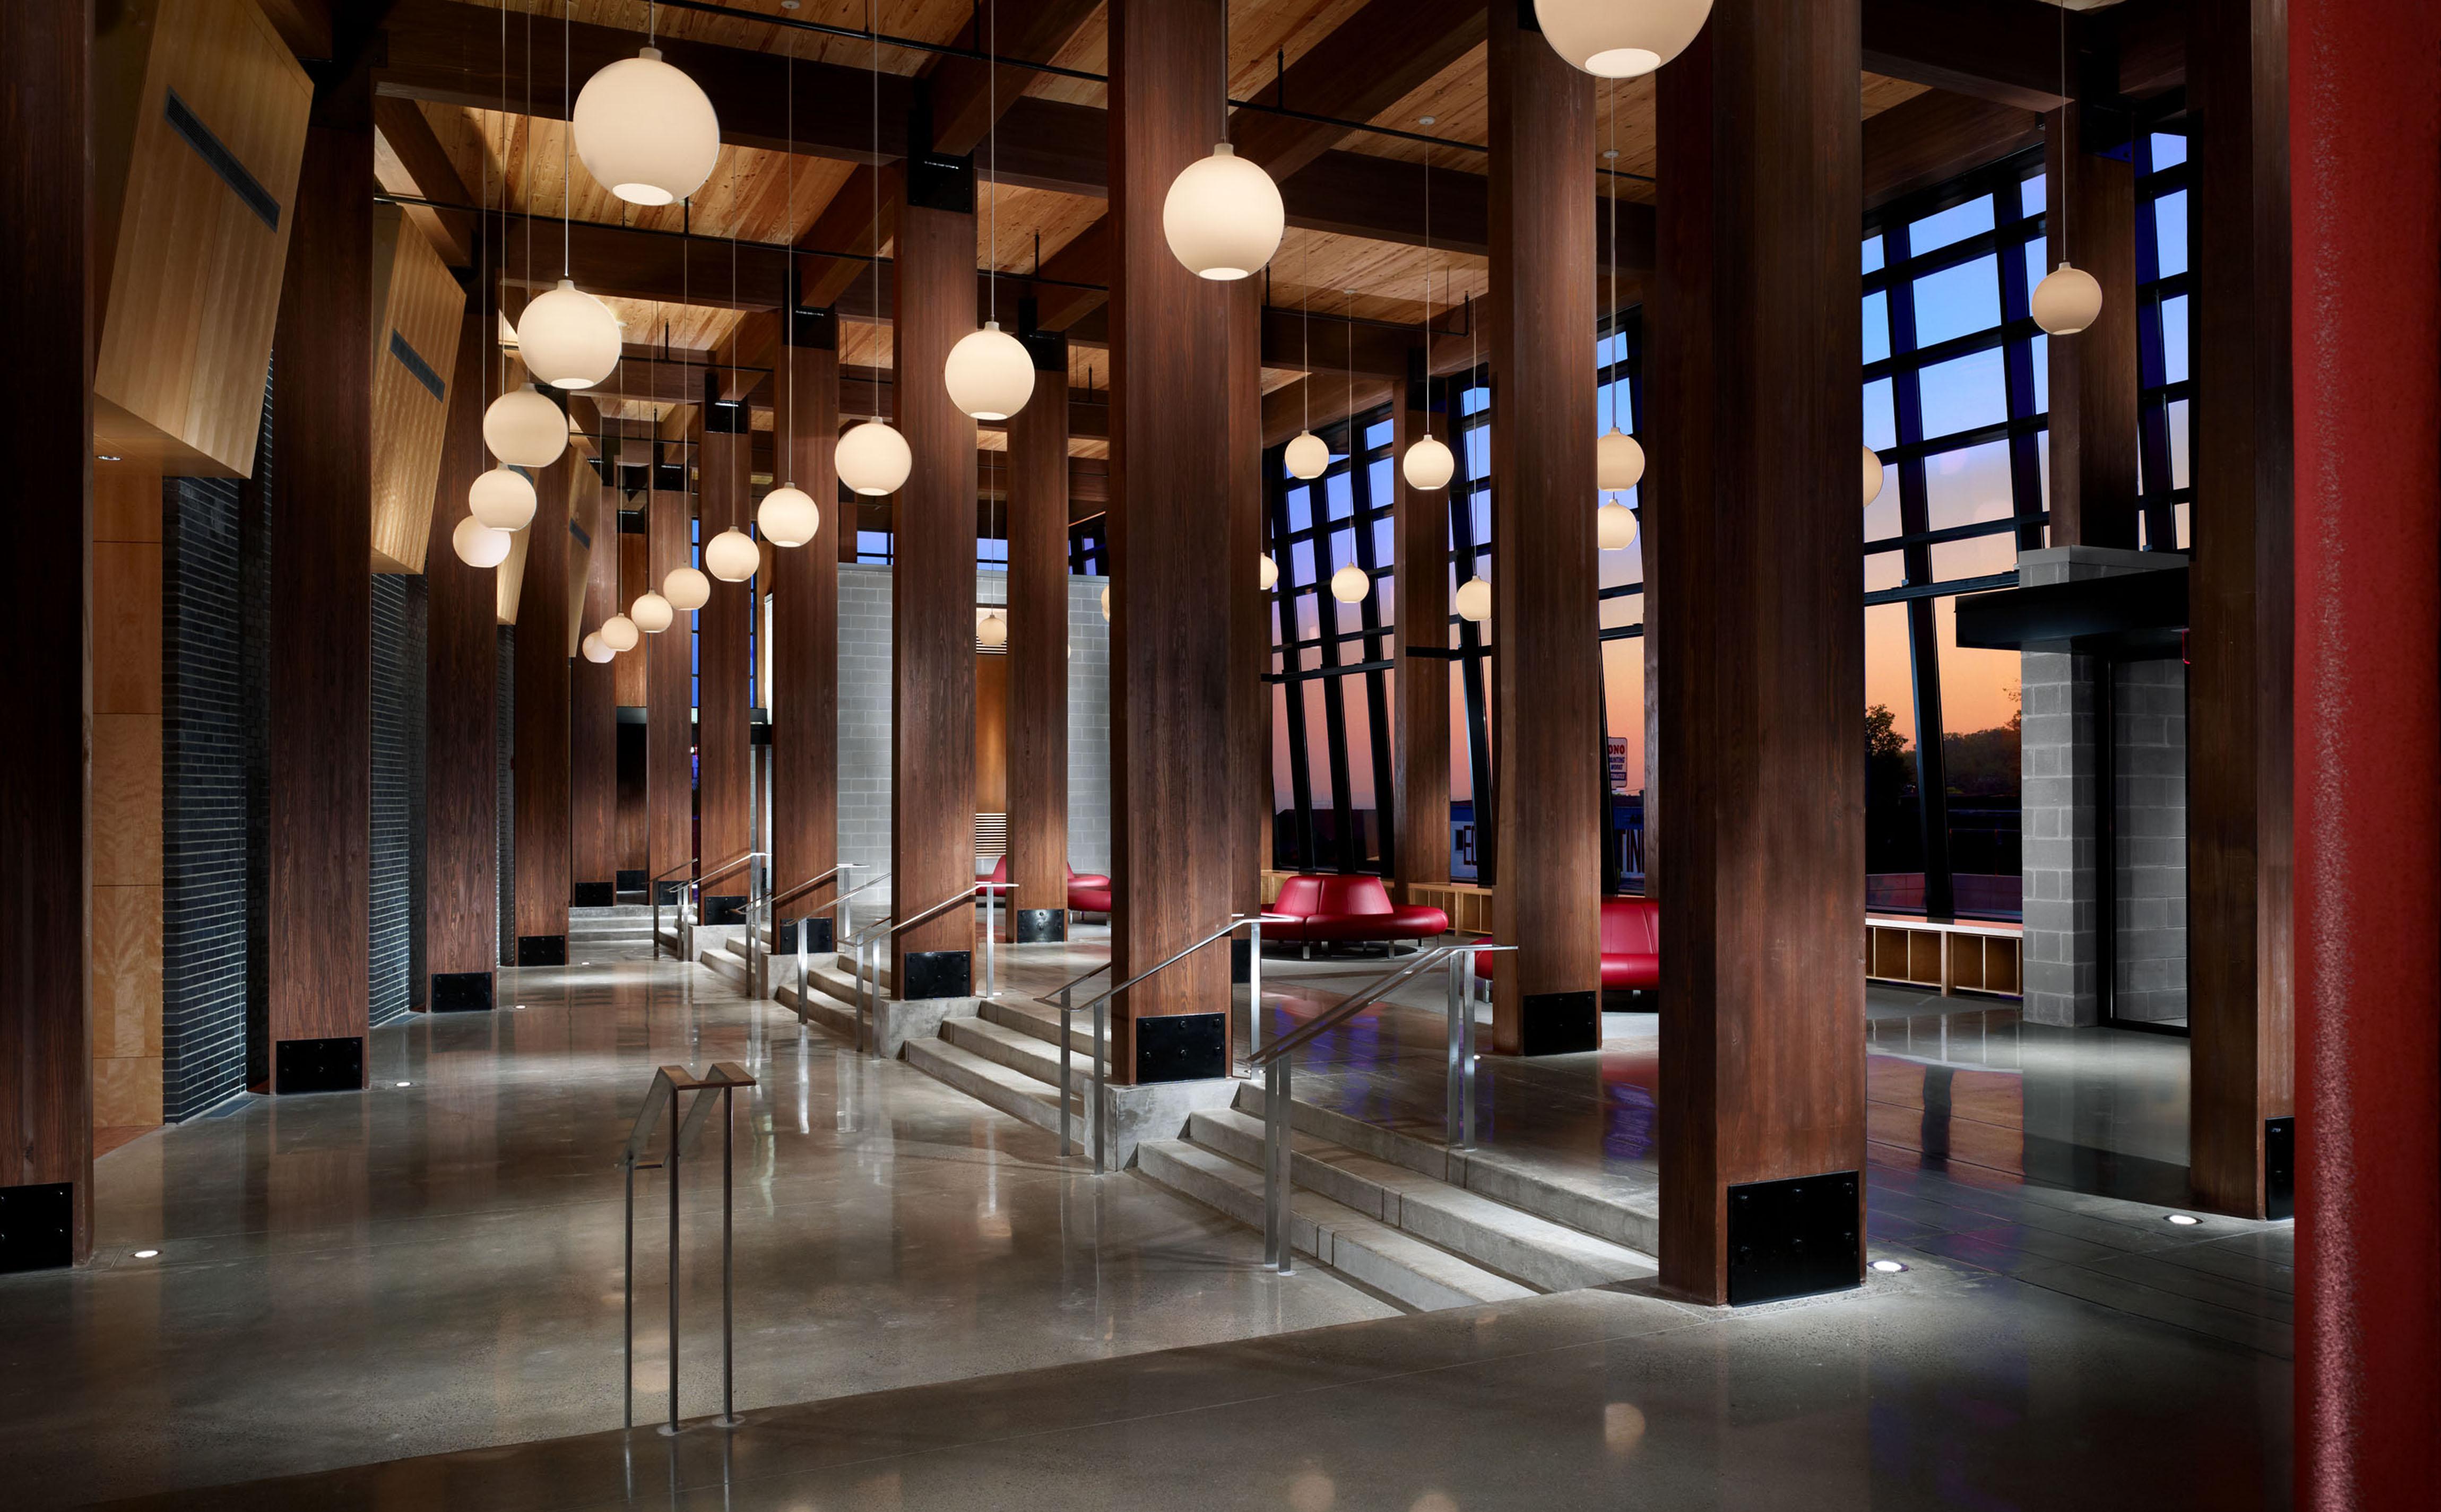 W O Smith Music School Nashville Tennessee Architecture Design Interior